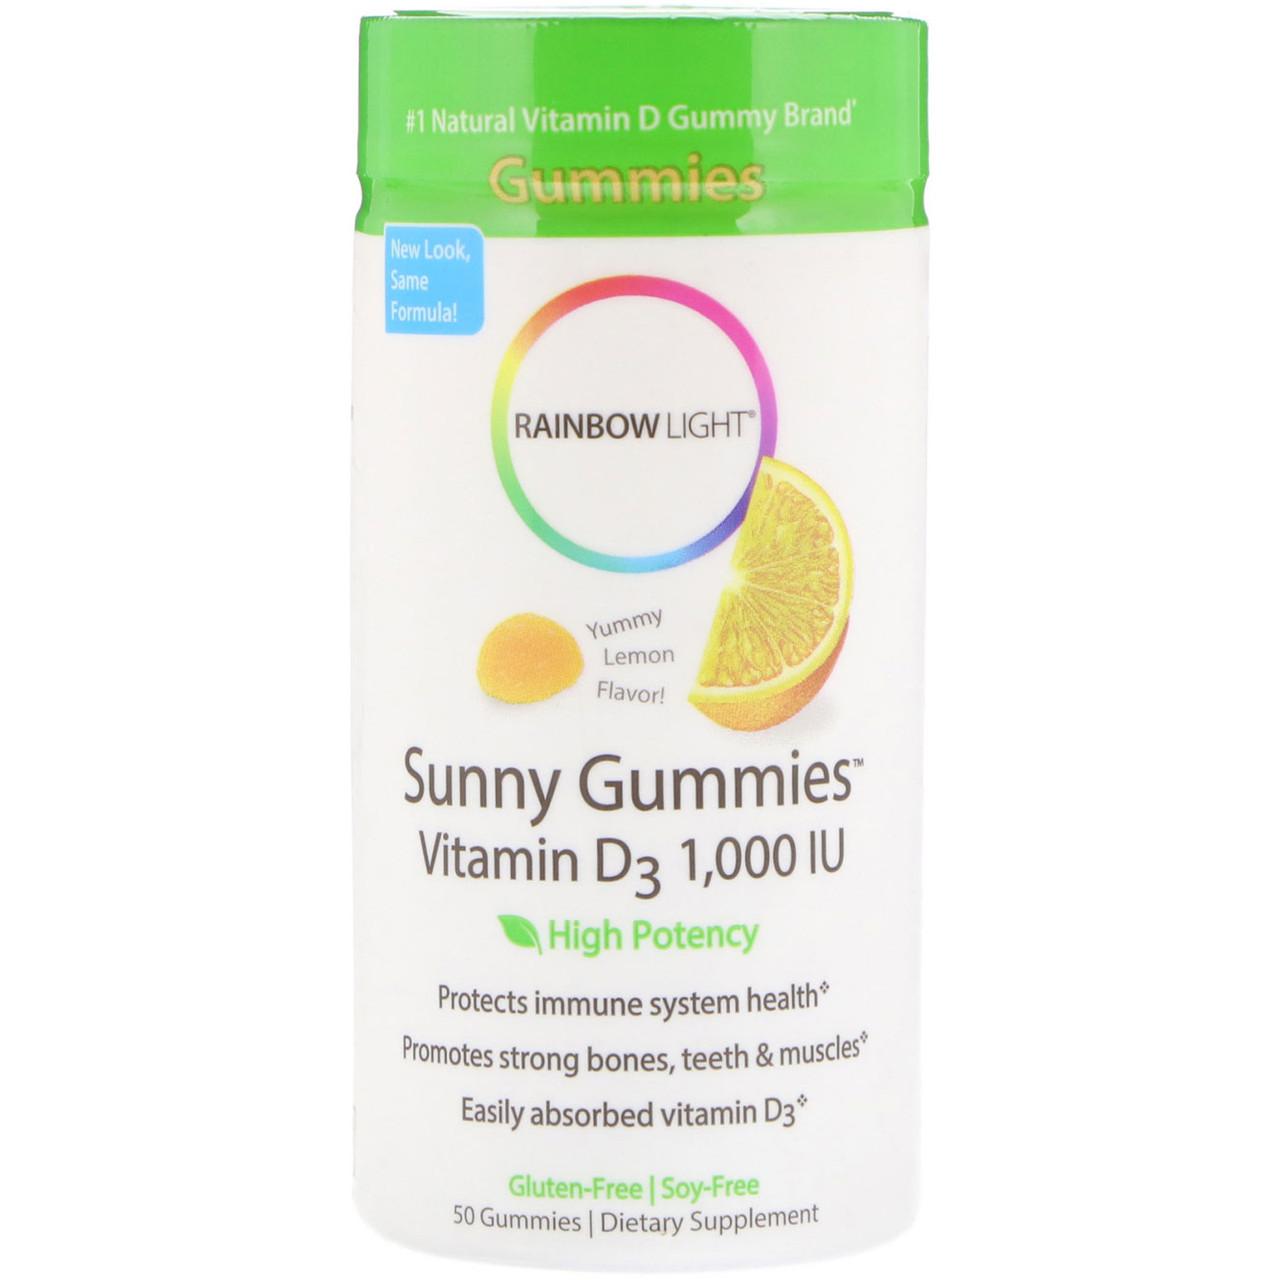 Вітамін D-3 для зміцнення кісток і м'язів, лимонні мармеладкі, Rainbow light, 50 таблеток